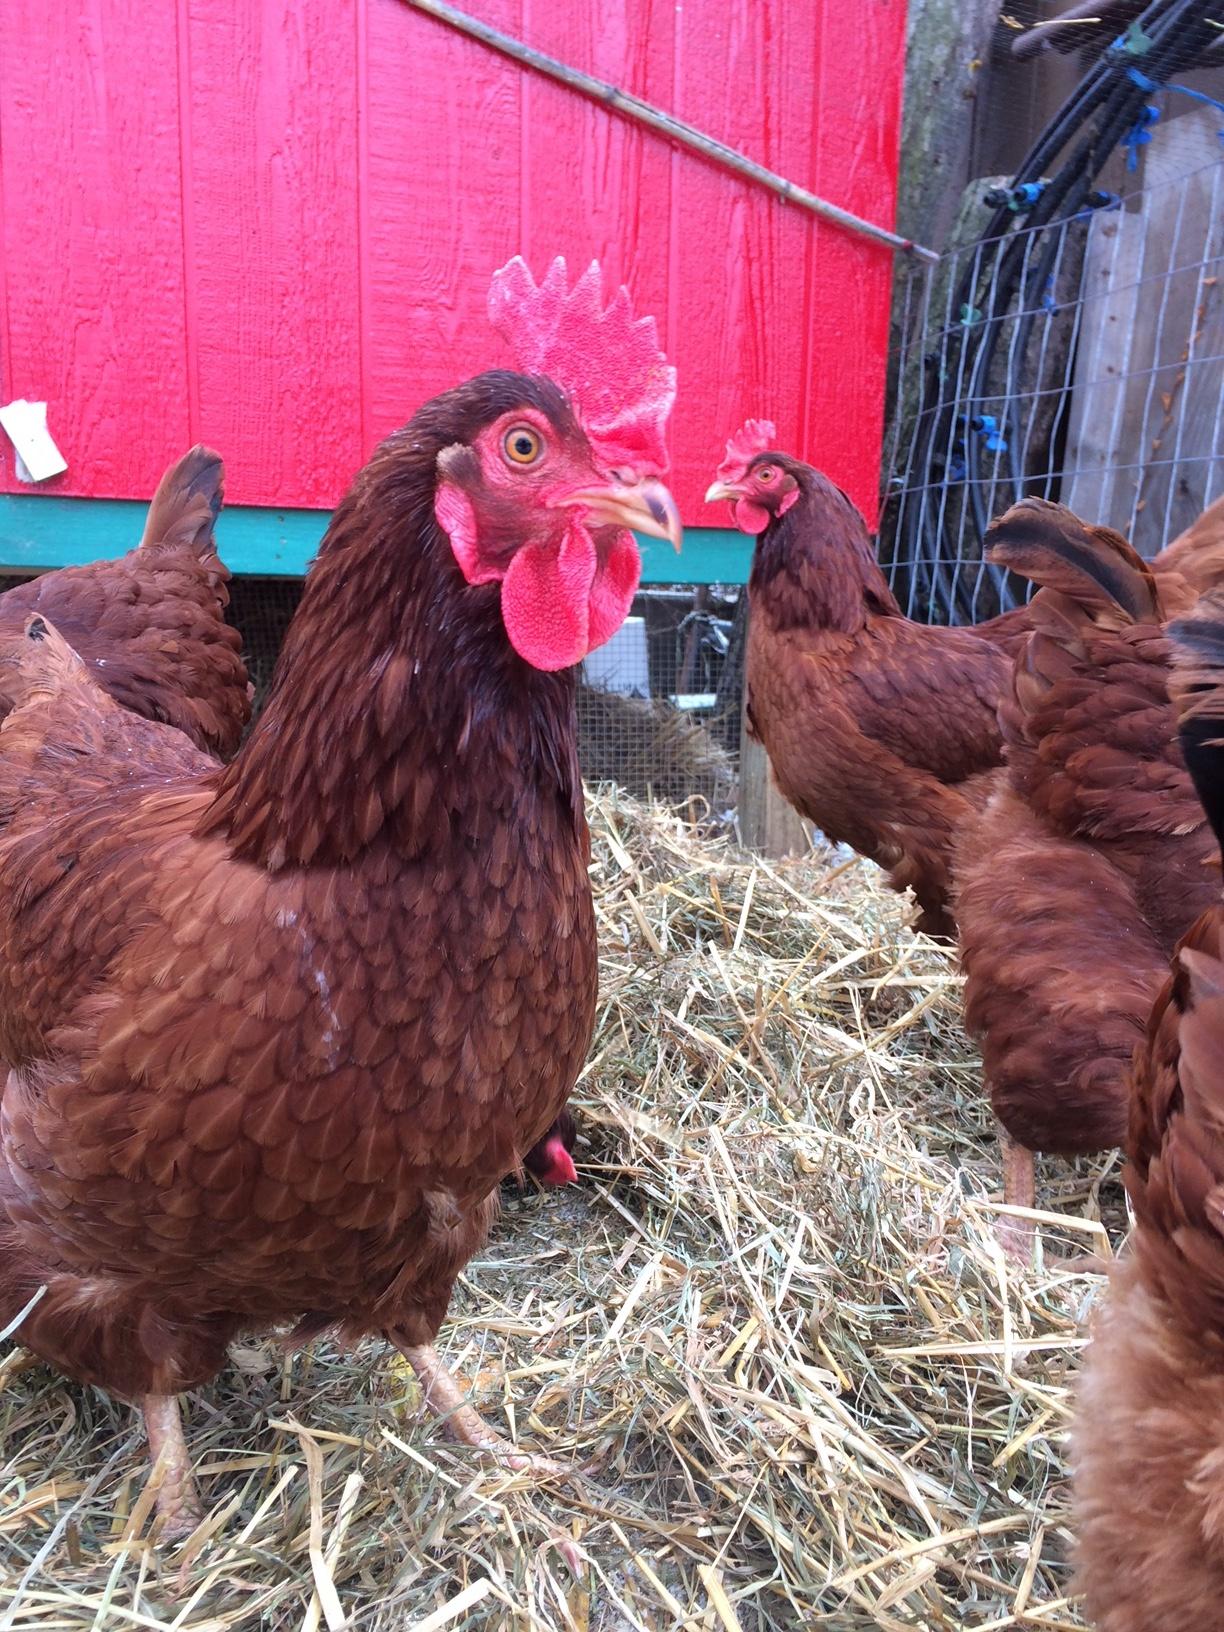 Urban Chicken Keeping